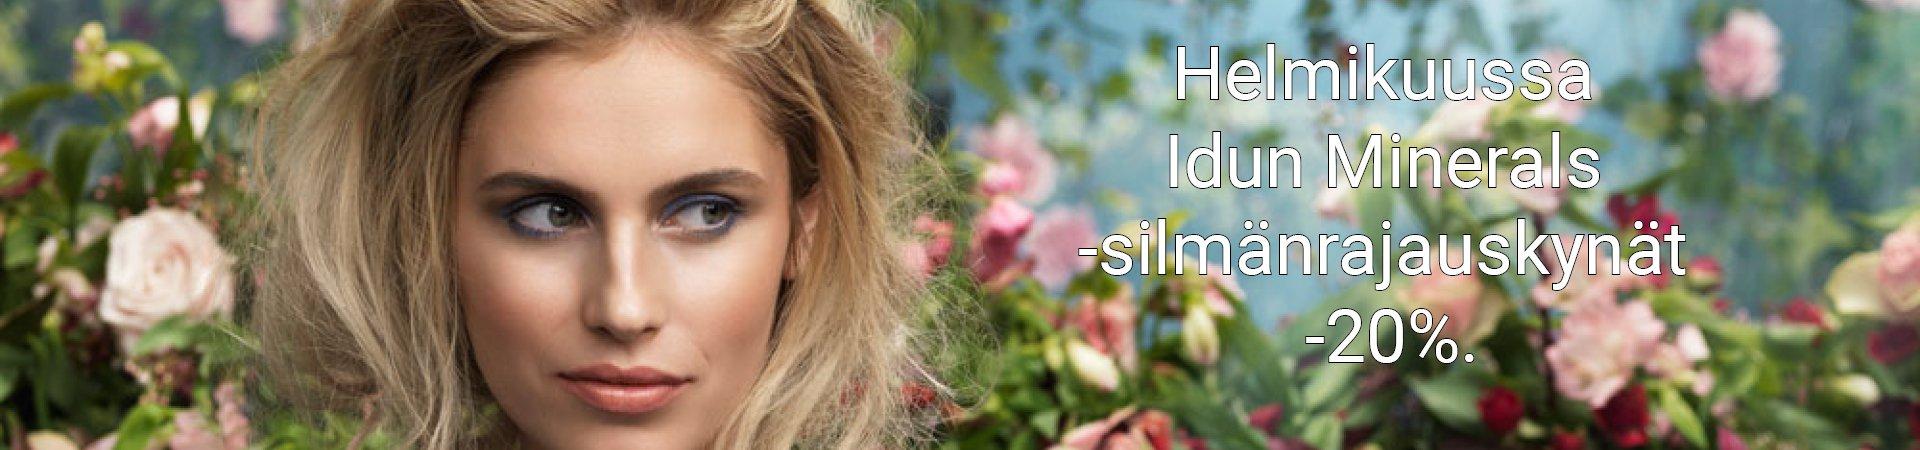 verkkoapteekki Idun Minerals tarjous kosmetiikka